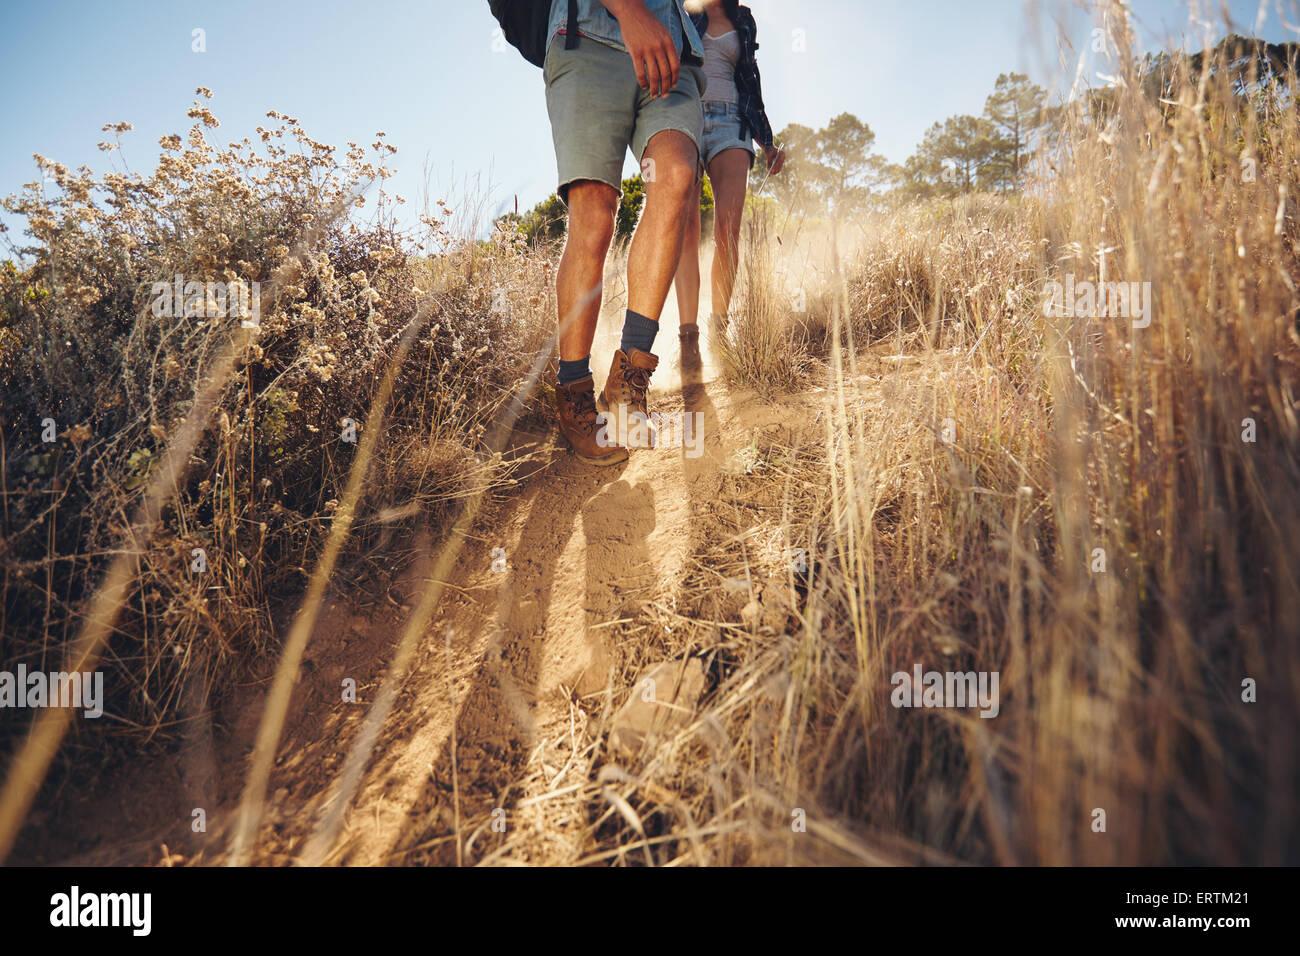 Niedrigen Winkel Ansicht des jungen Paares Land Trail Weg zu gehen. Paar auf Berg kommt bergab wandern. Fehlschüsse Stockbild